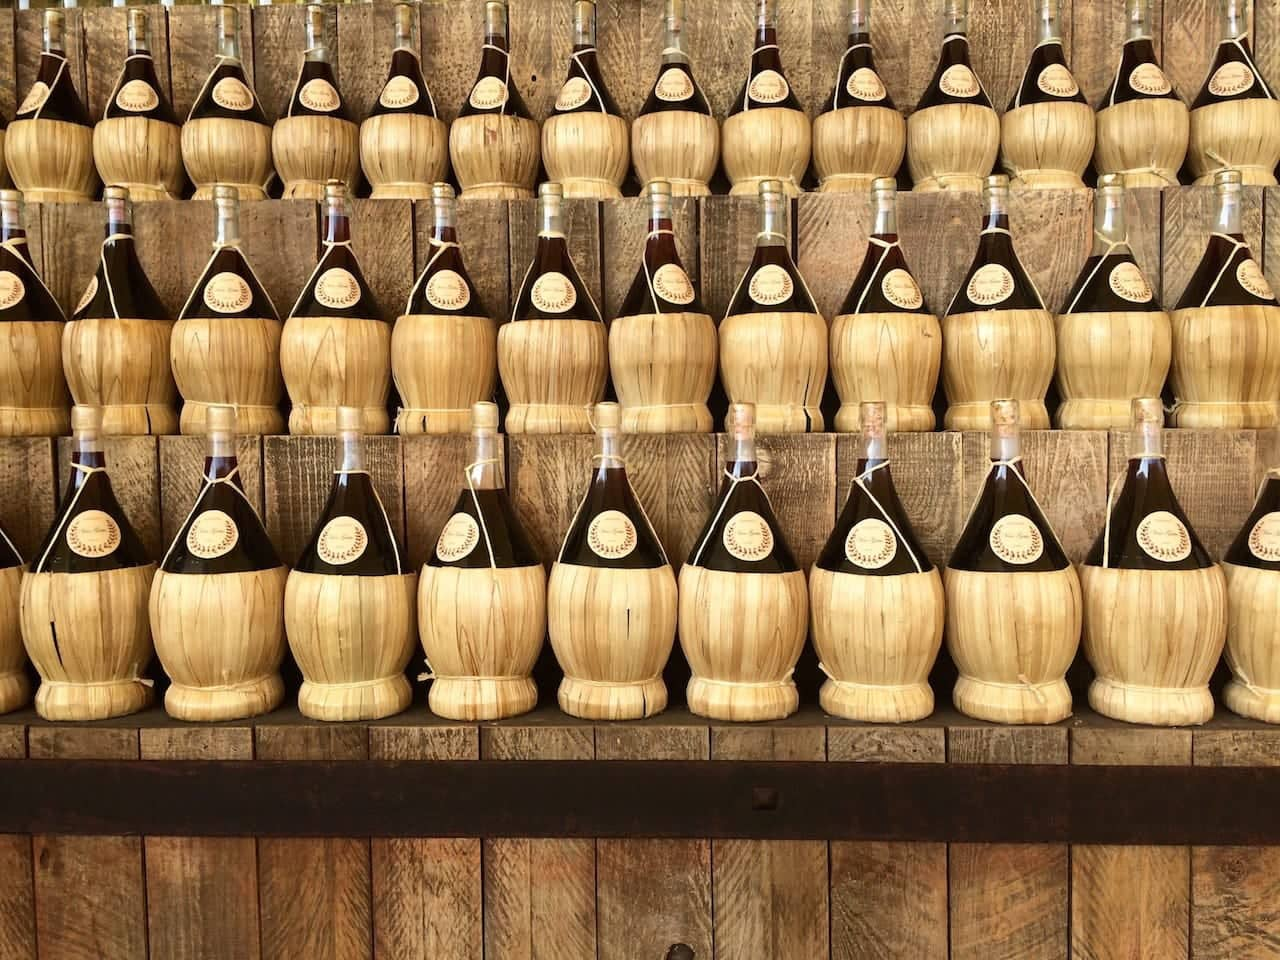 Fiaschi di vino impagliati alla maniera del Chianti